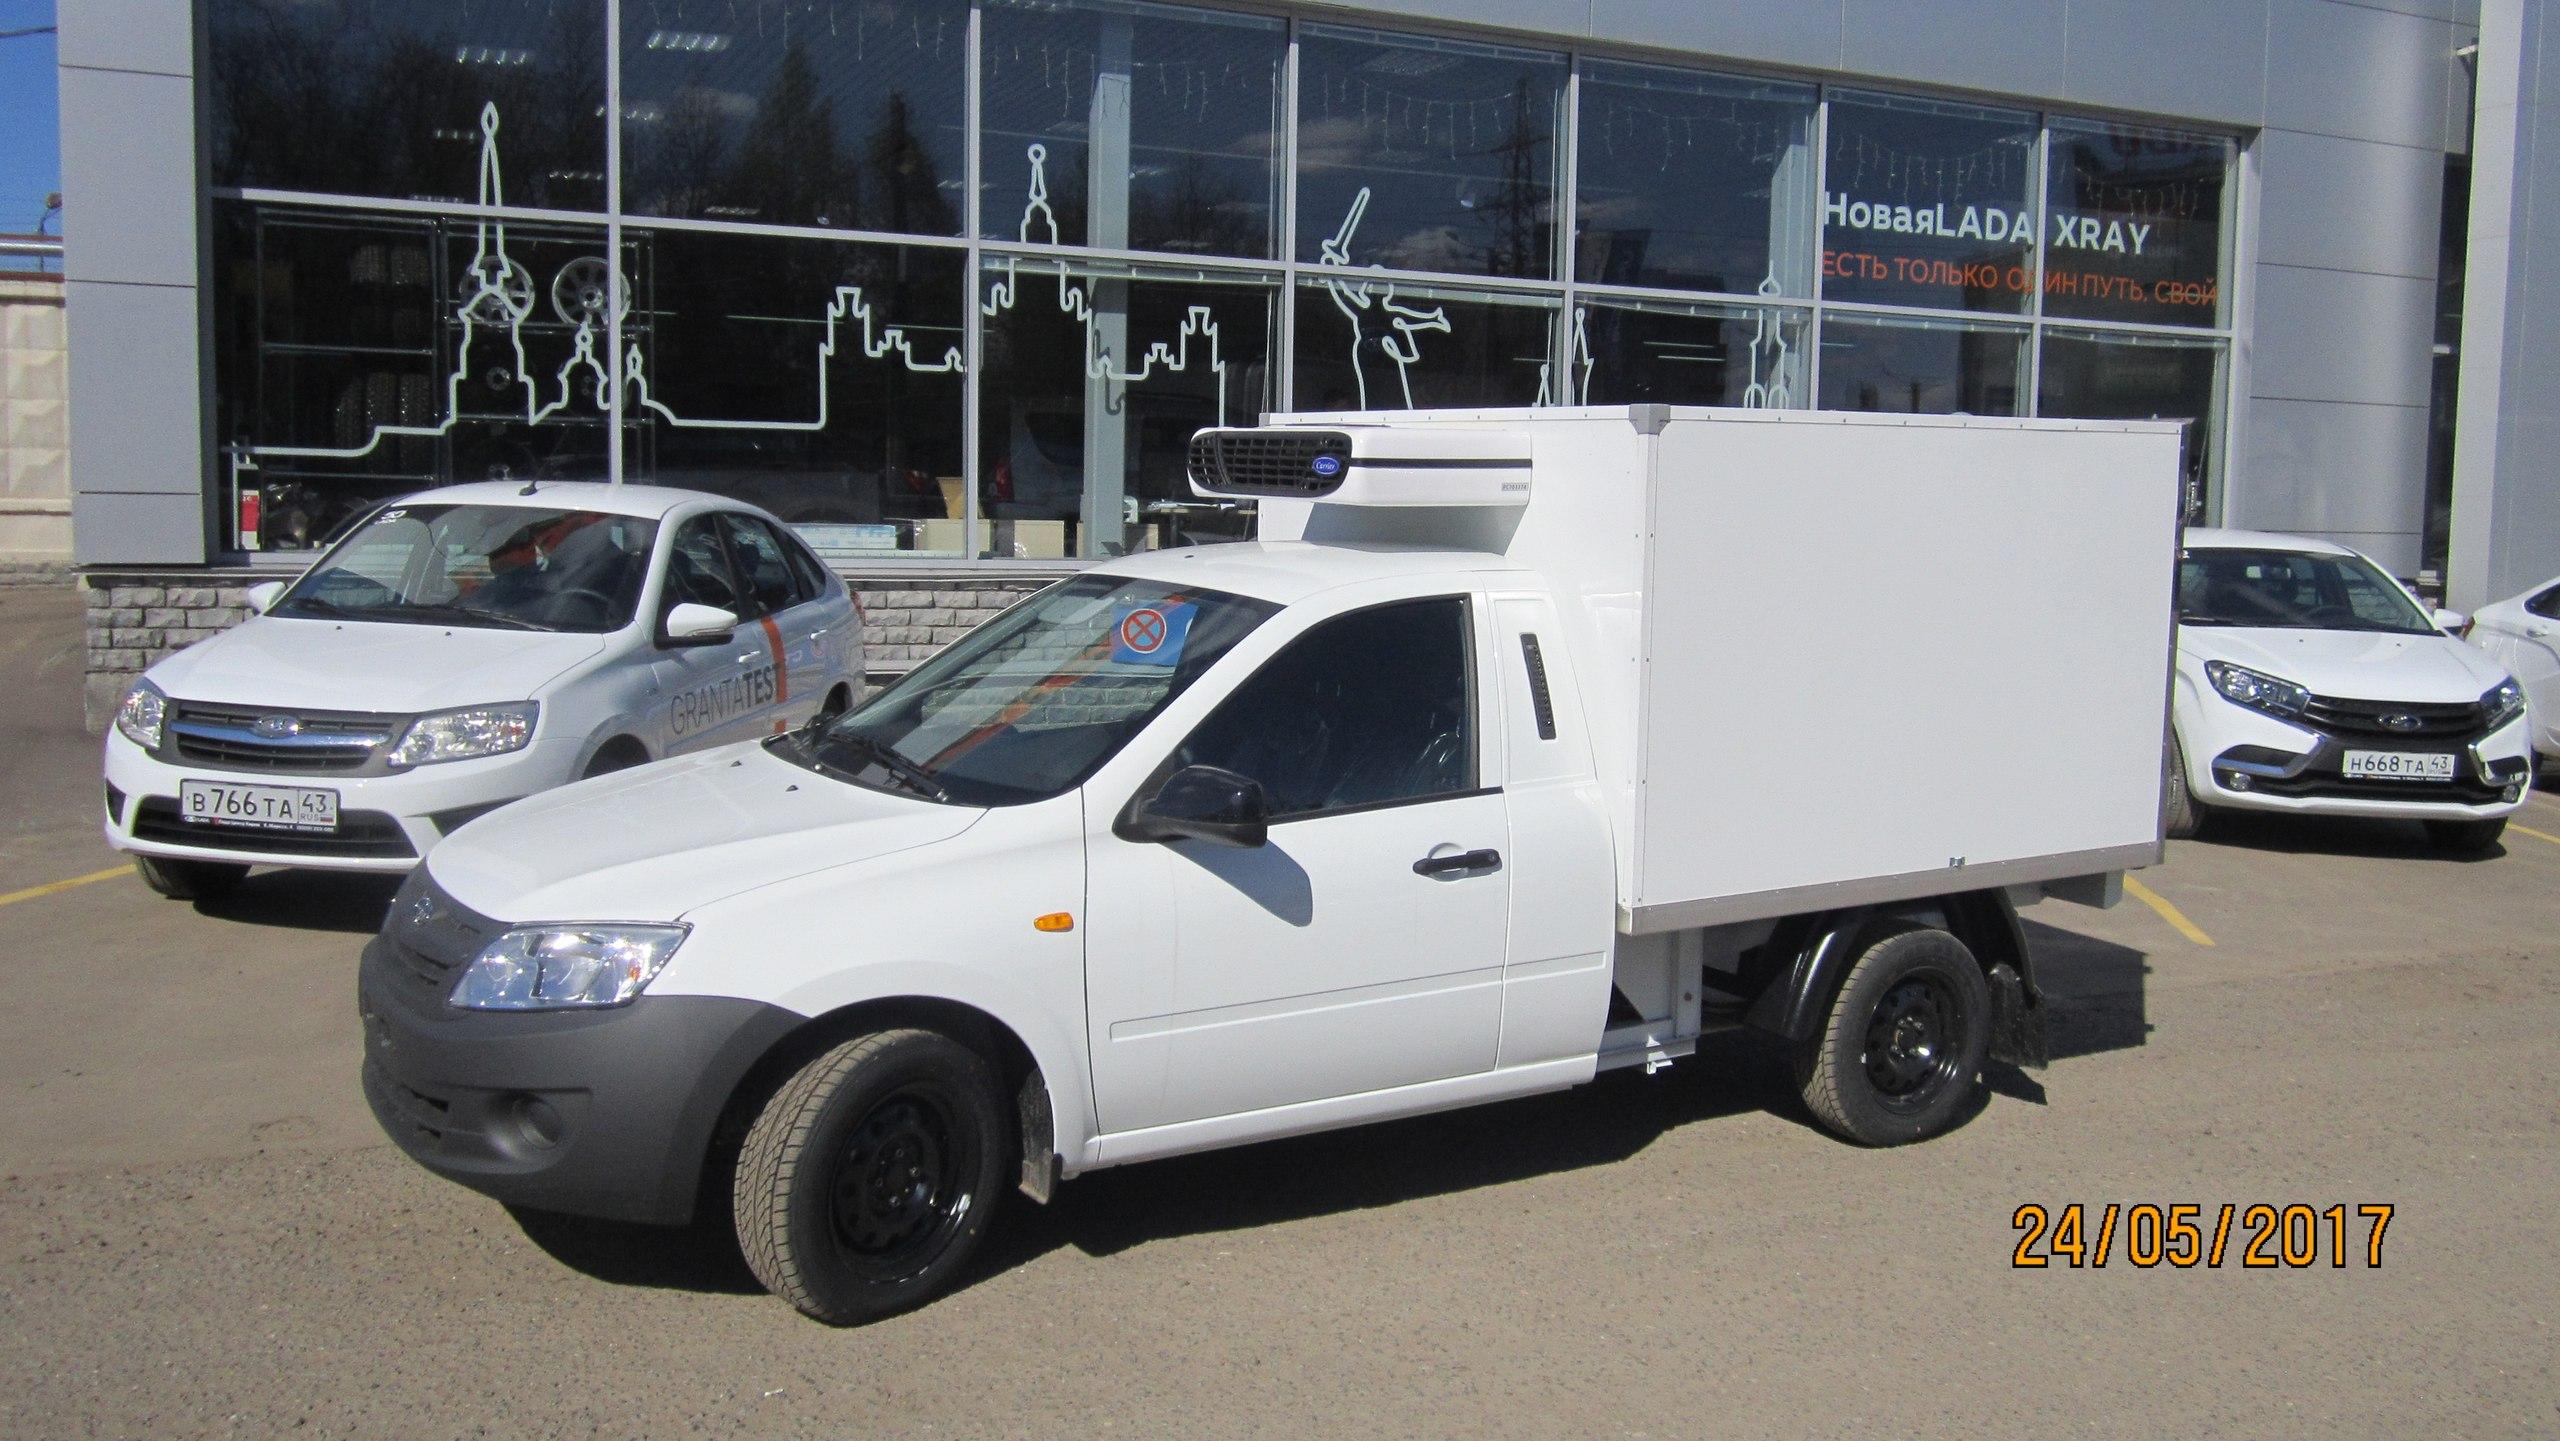 LADA Granta ВИС Фургон! Специальный автомобиль на базе LADA с выгодой до 60000 рублей!